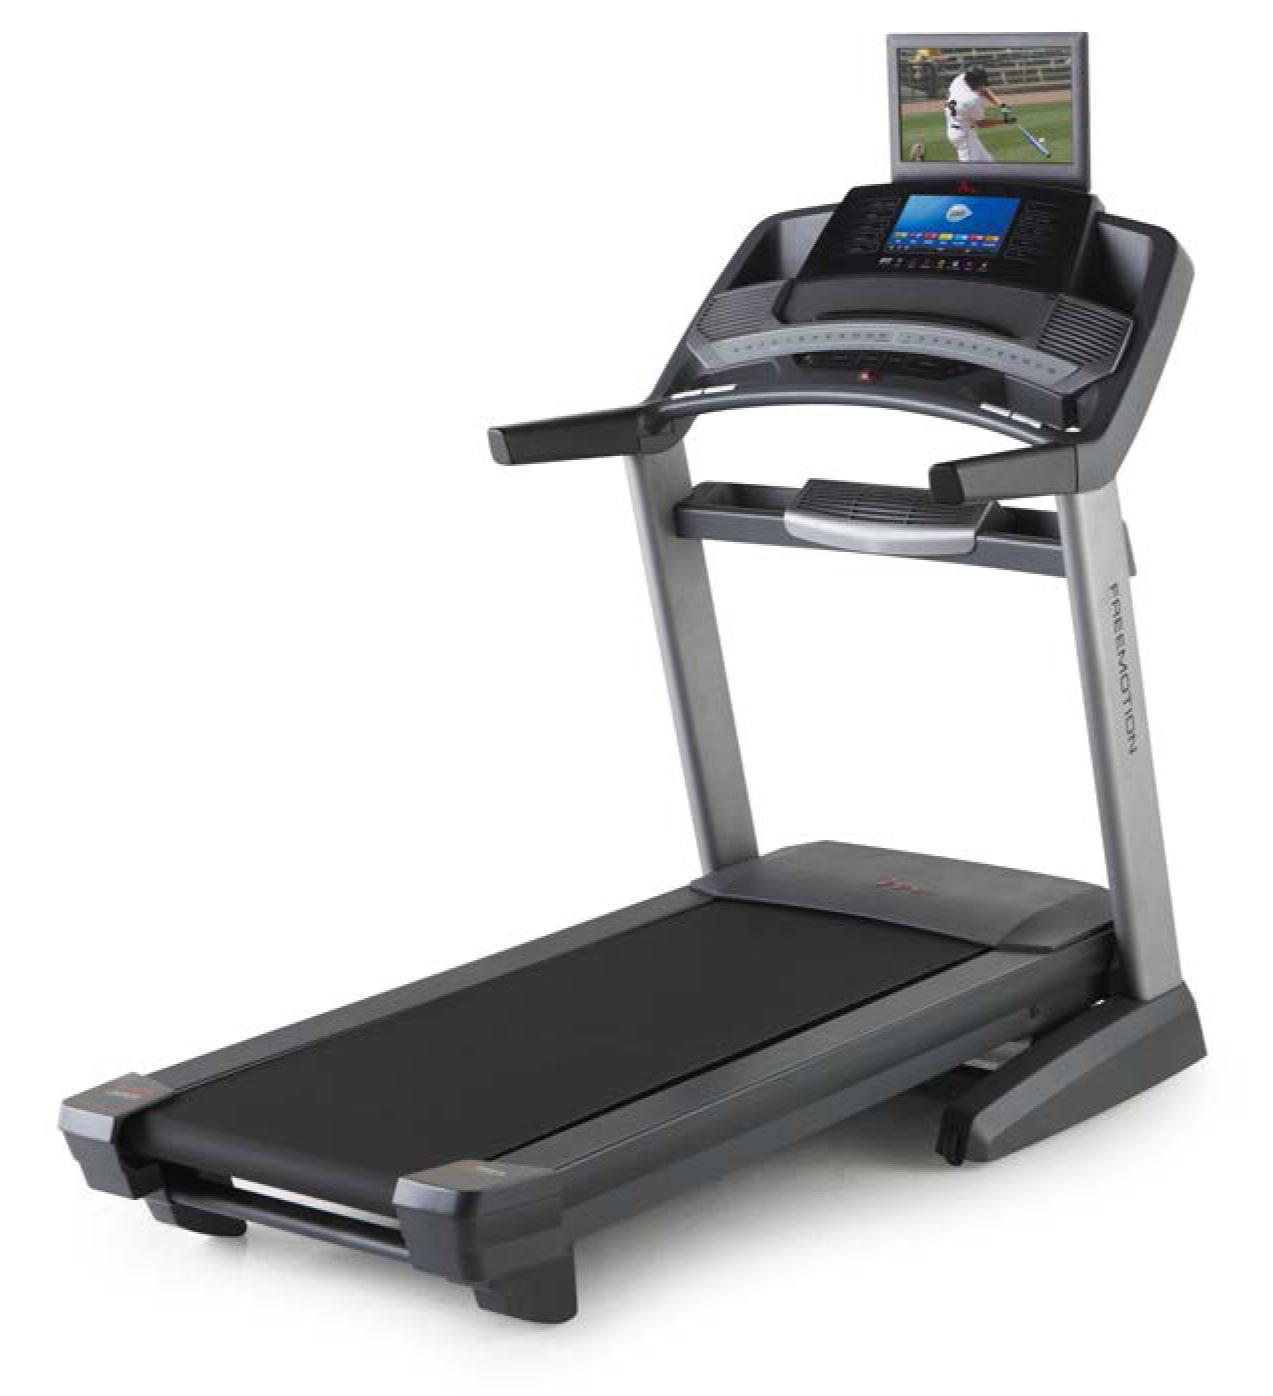 Star Trac Treadmill No Sensor: FreeMotion 890 Treadmill